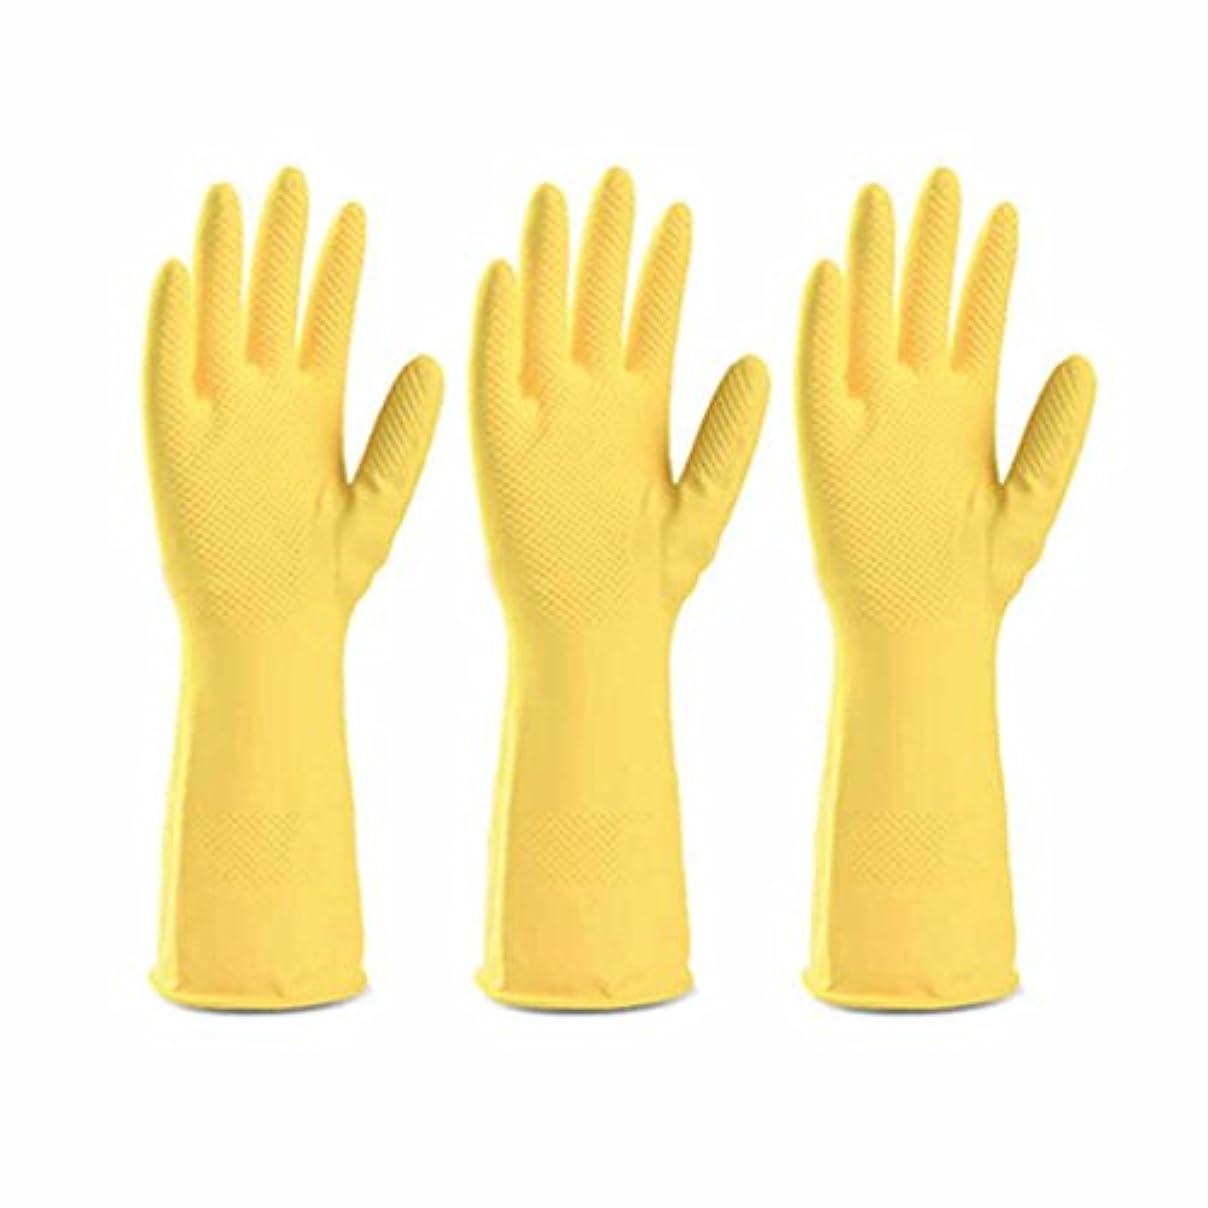 ディスクメンター地平線使い捨て手袋 イエローラテックスノンスリップ耐久手袋キッチン多機能防水、オイル手袋 (Size : Three pairs)